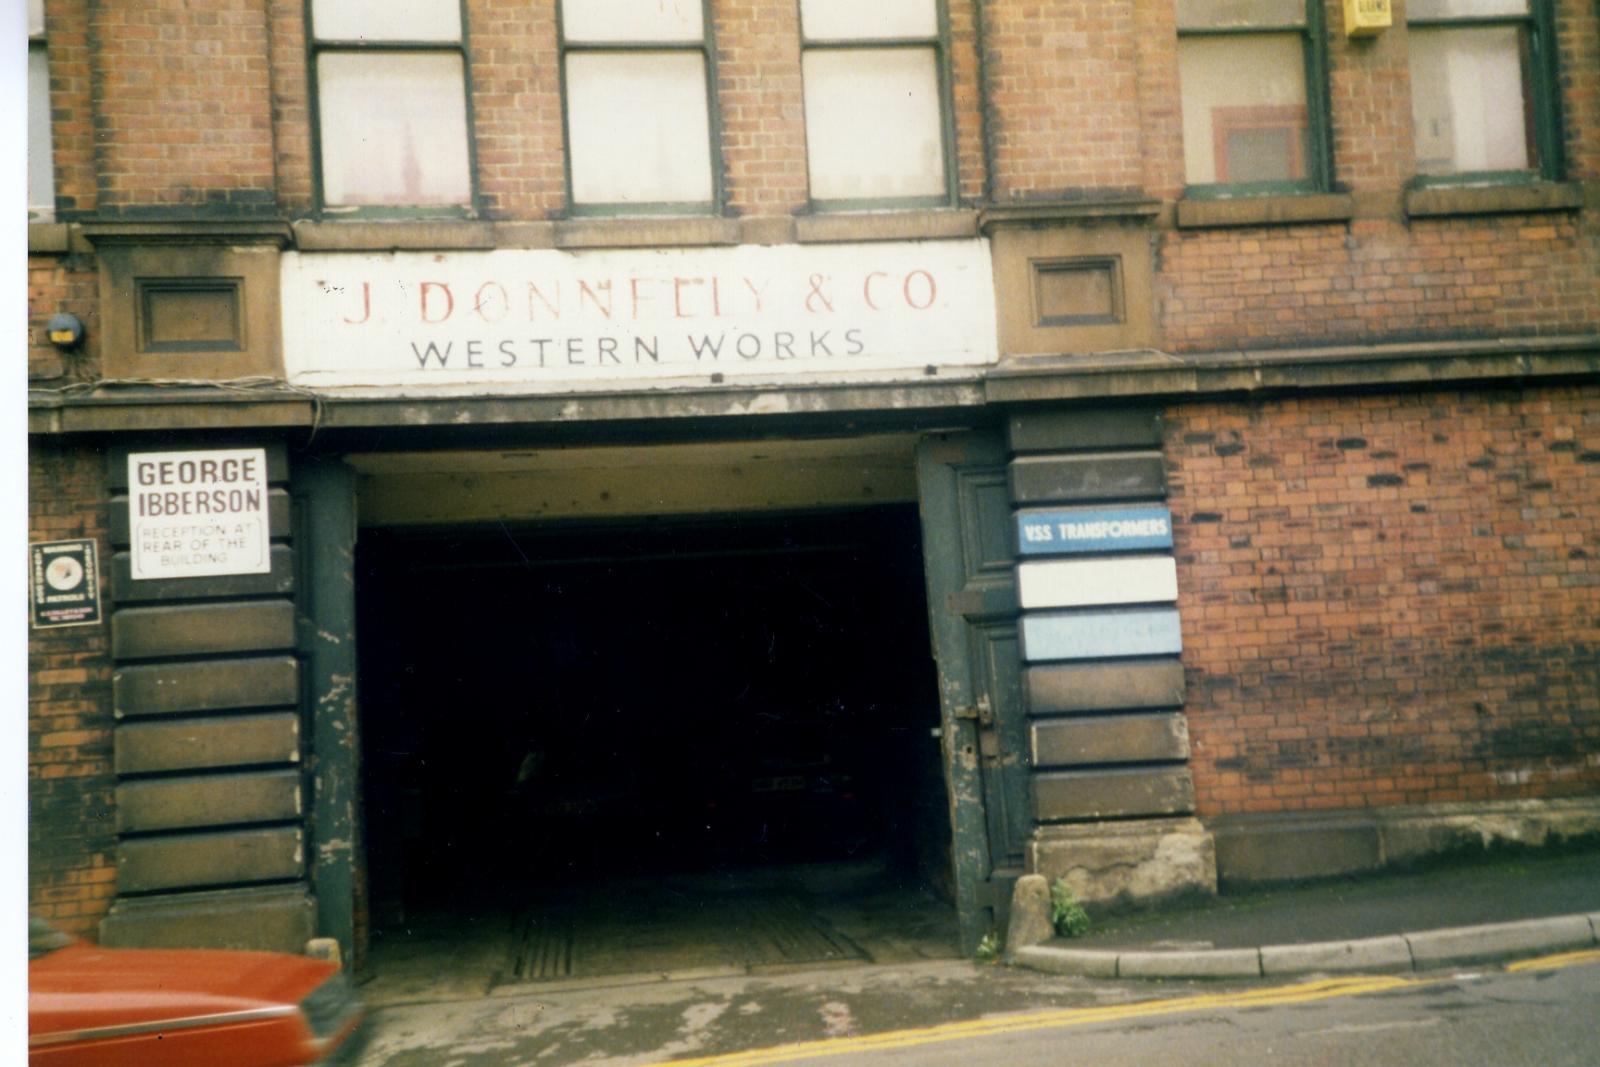 Western works entrance